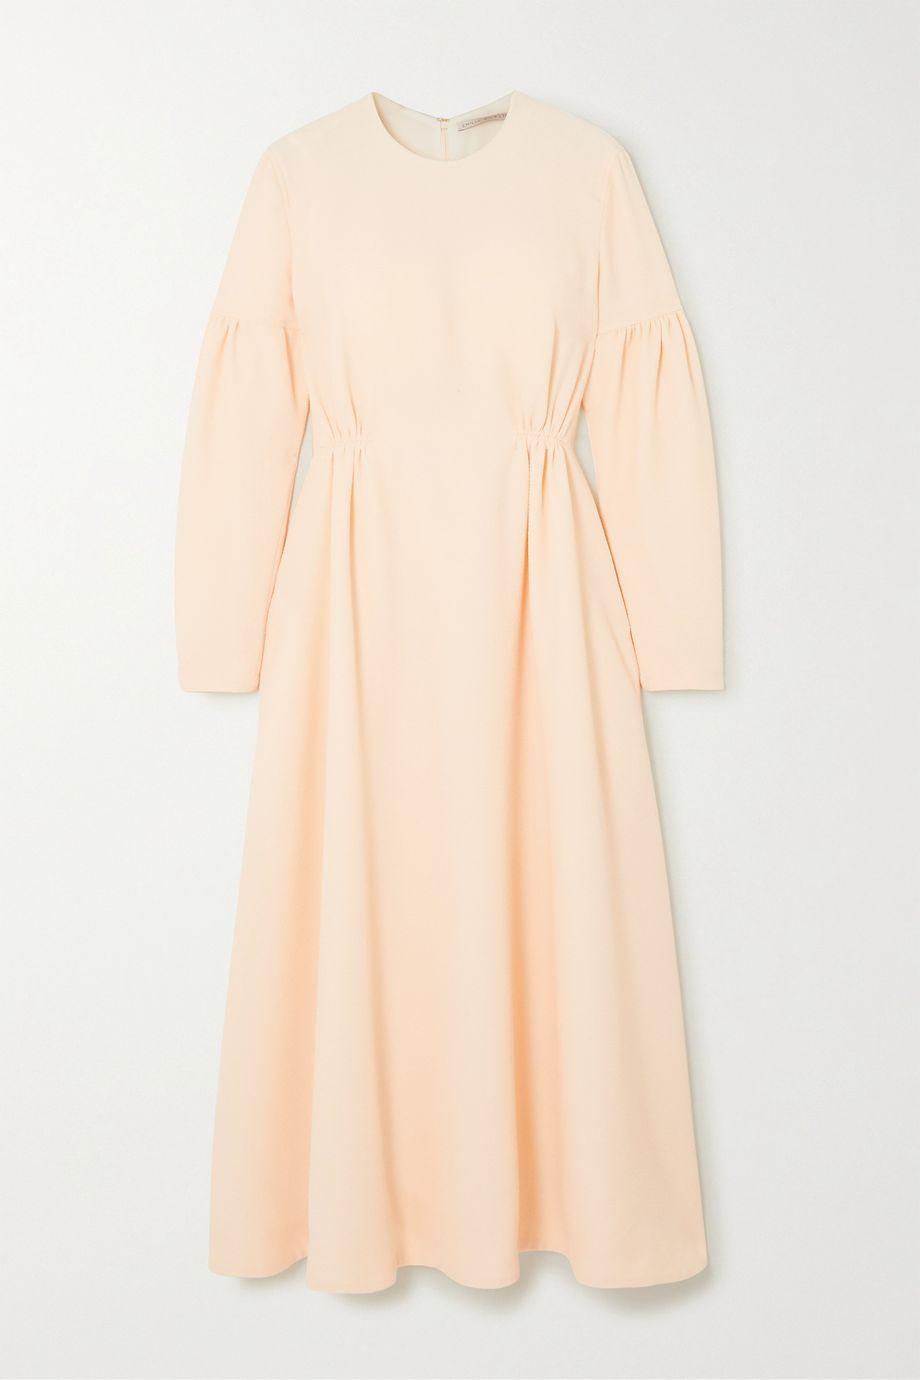 Emilia Wickstead Cerise cloqué midi dress